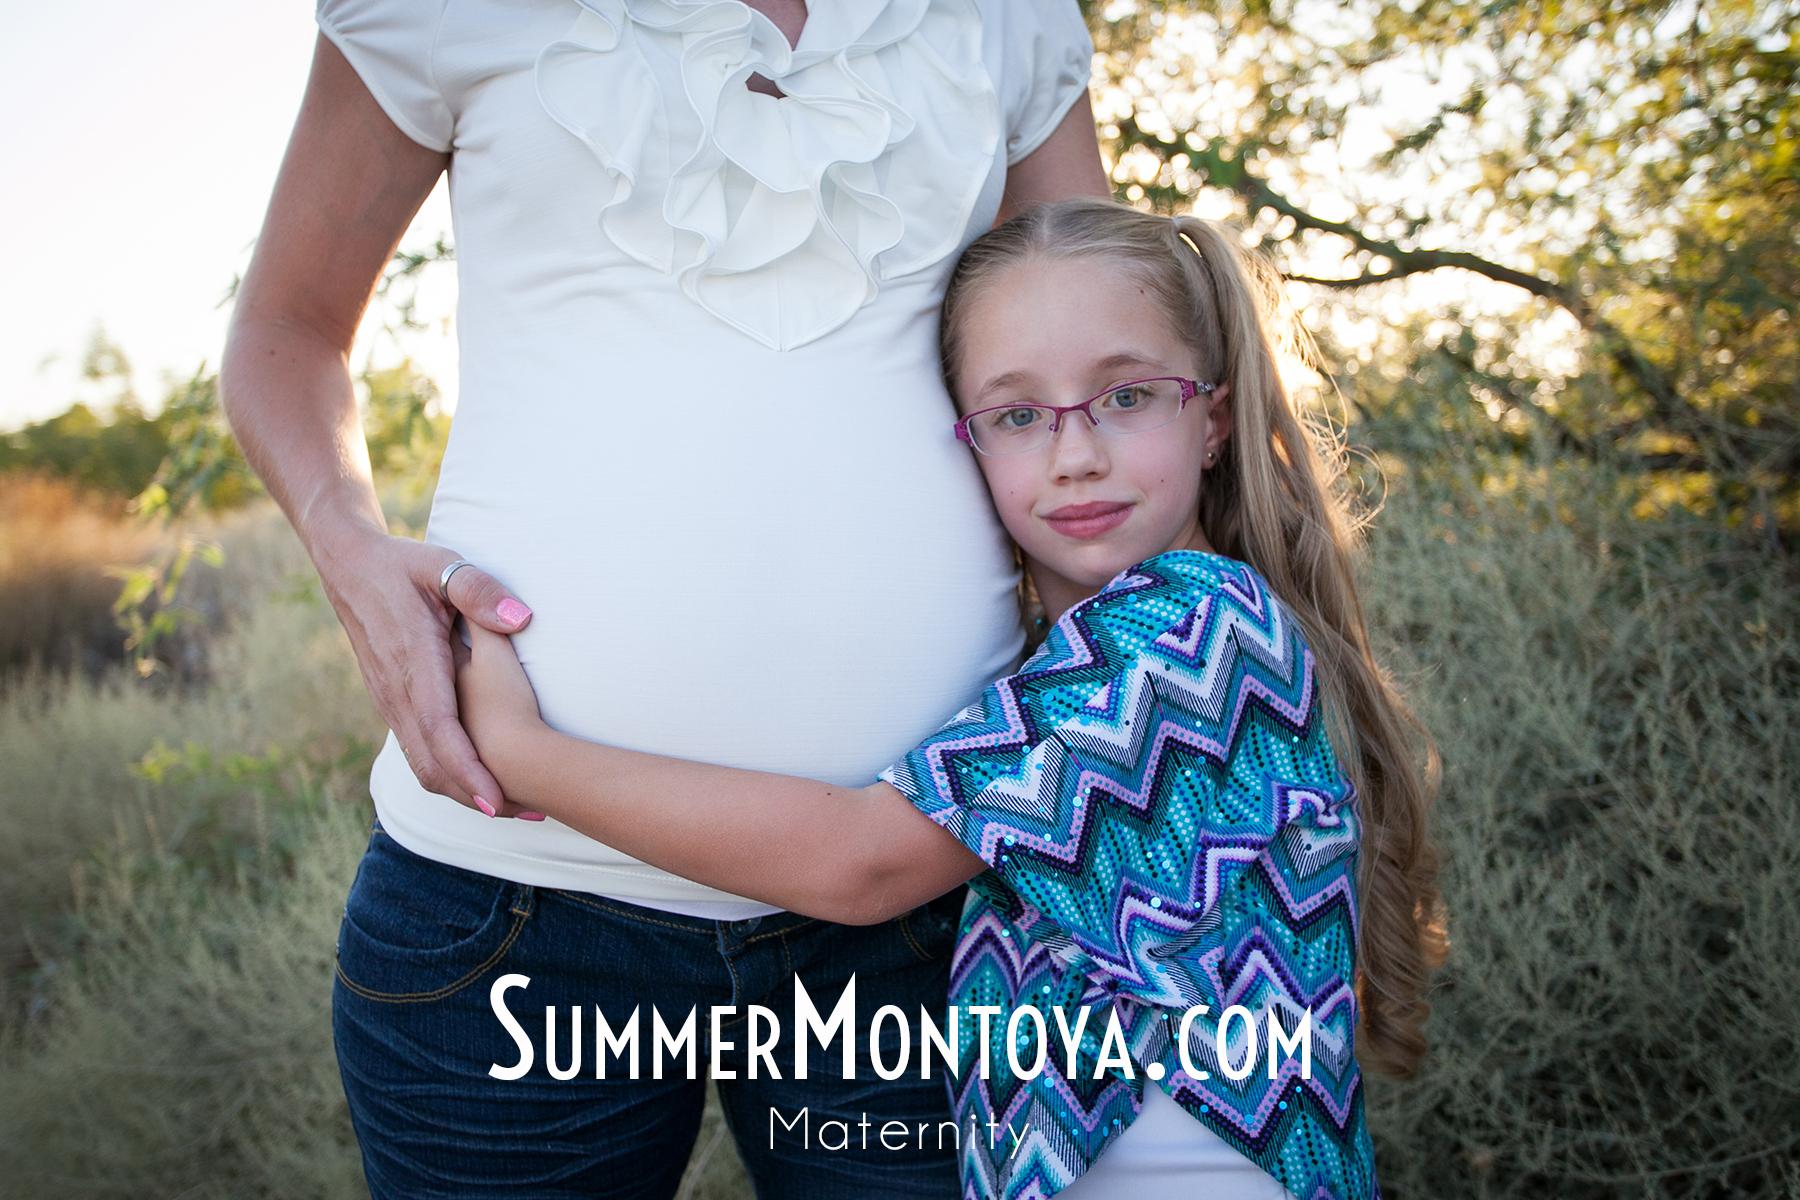 gilbert-maternity-photos-07